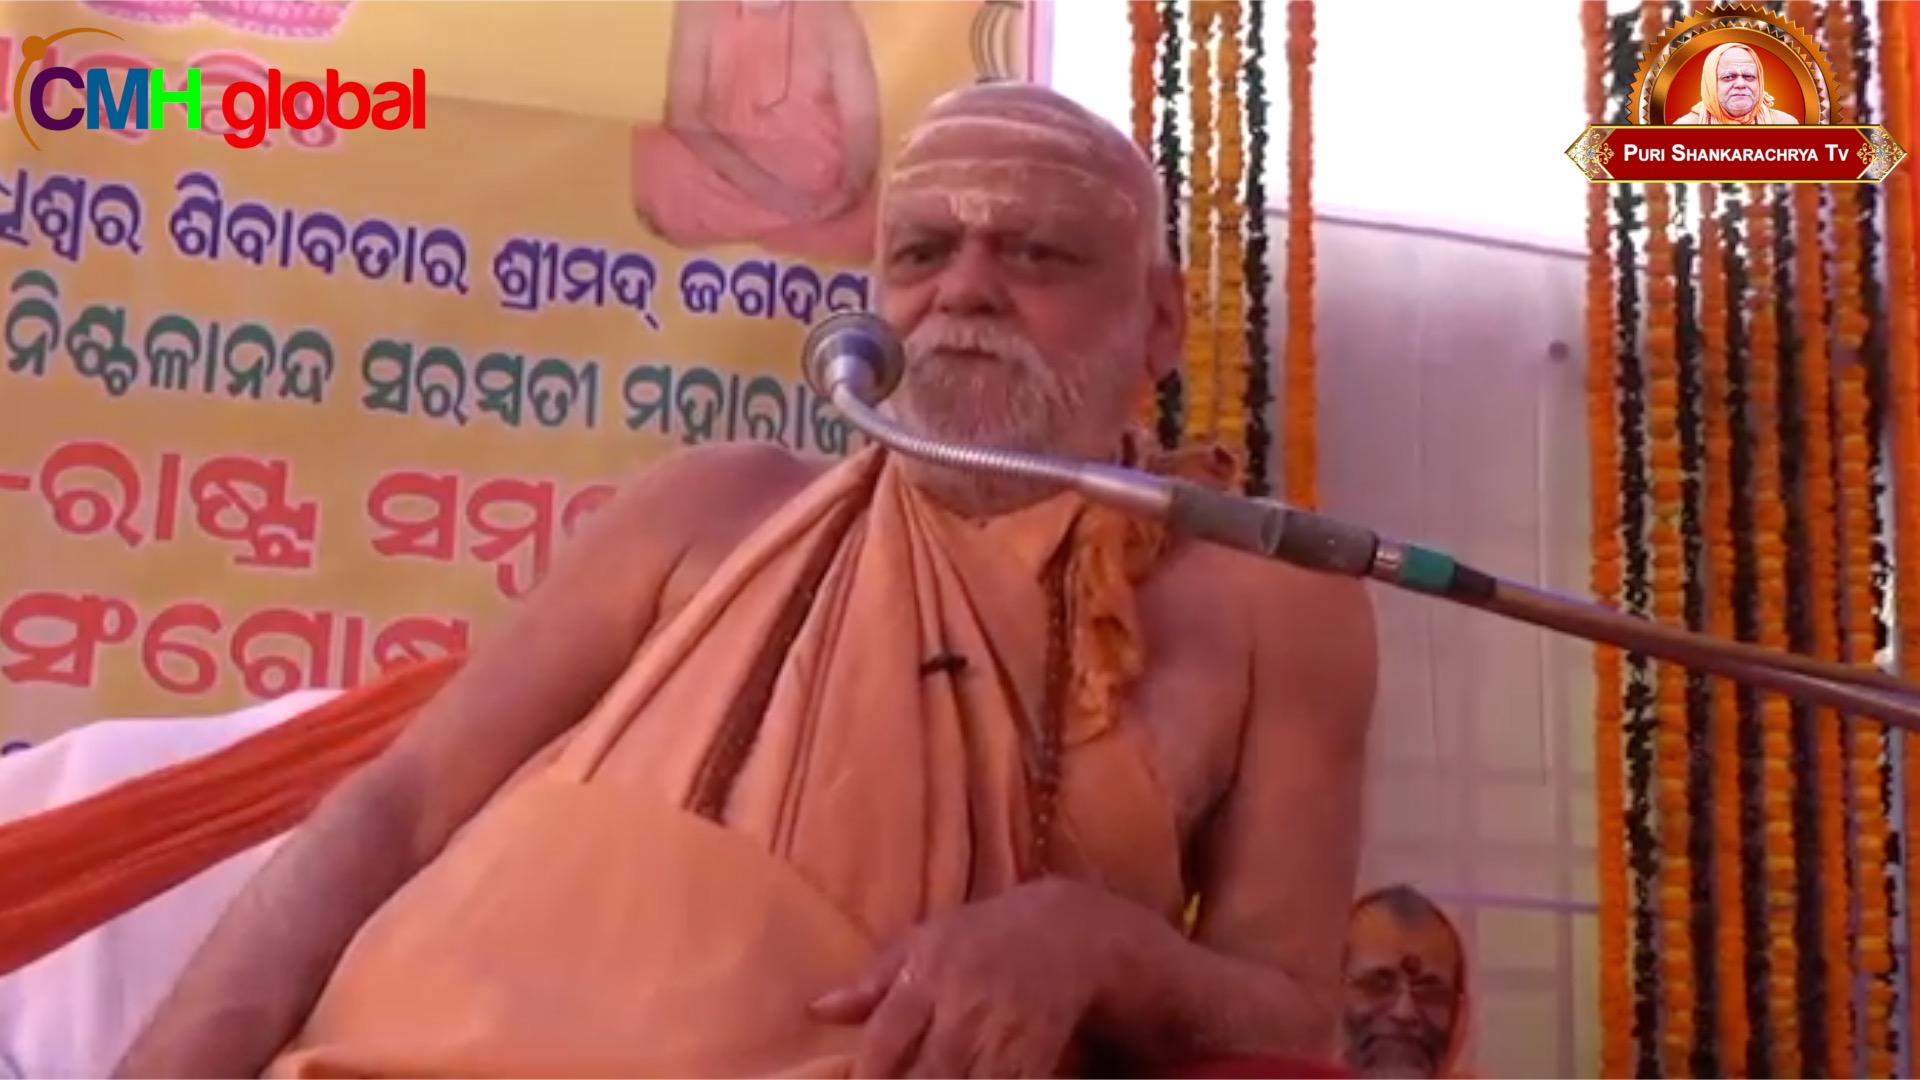 Gyan Dhara Ep -11 by Puri Shankaracharya Swami Nishchalananda Saraswati Ji